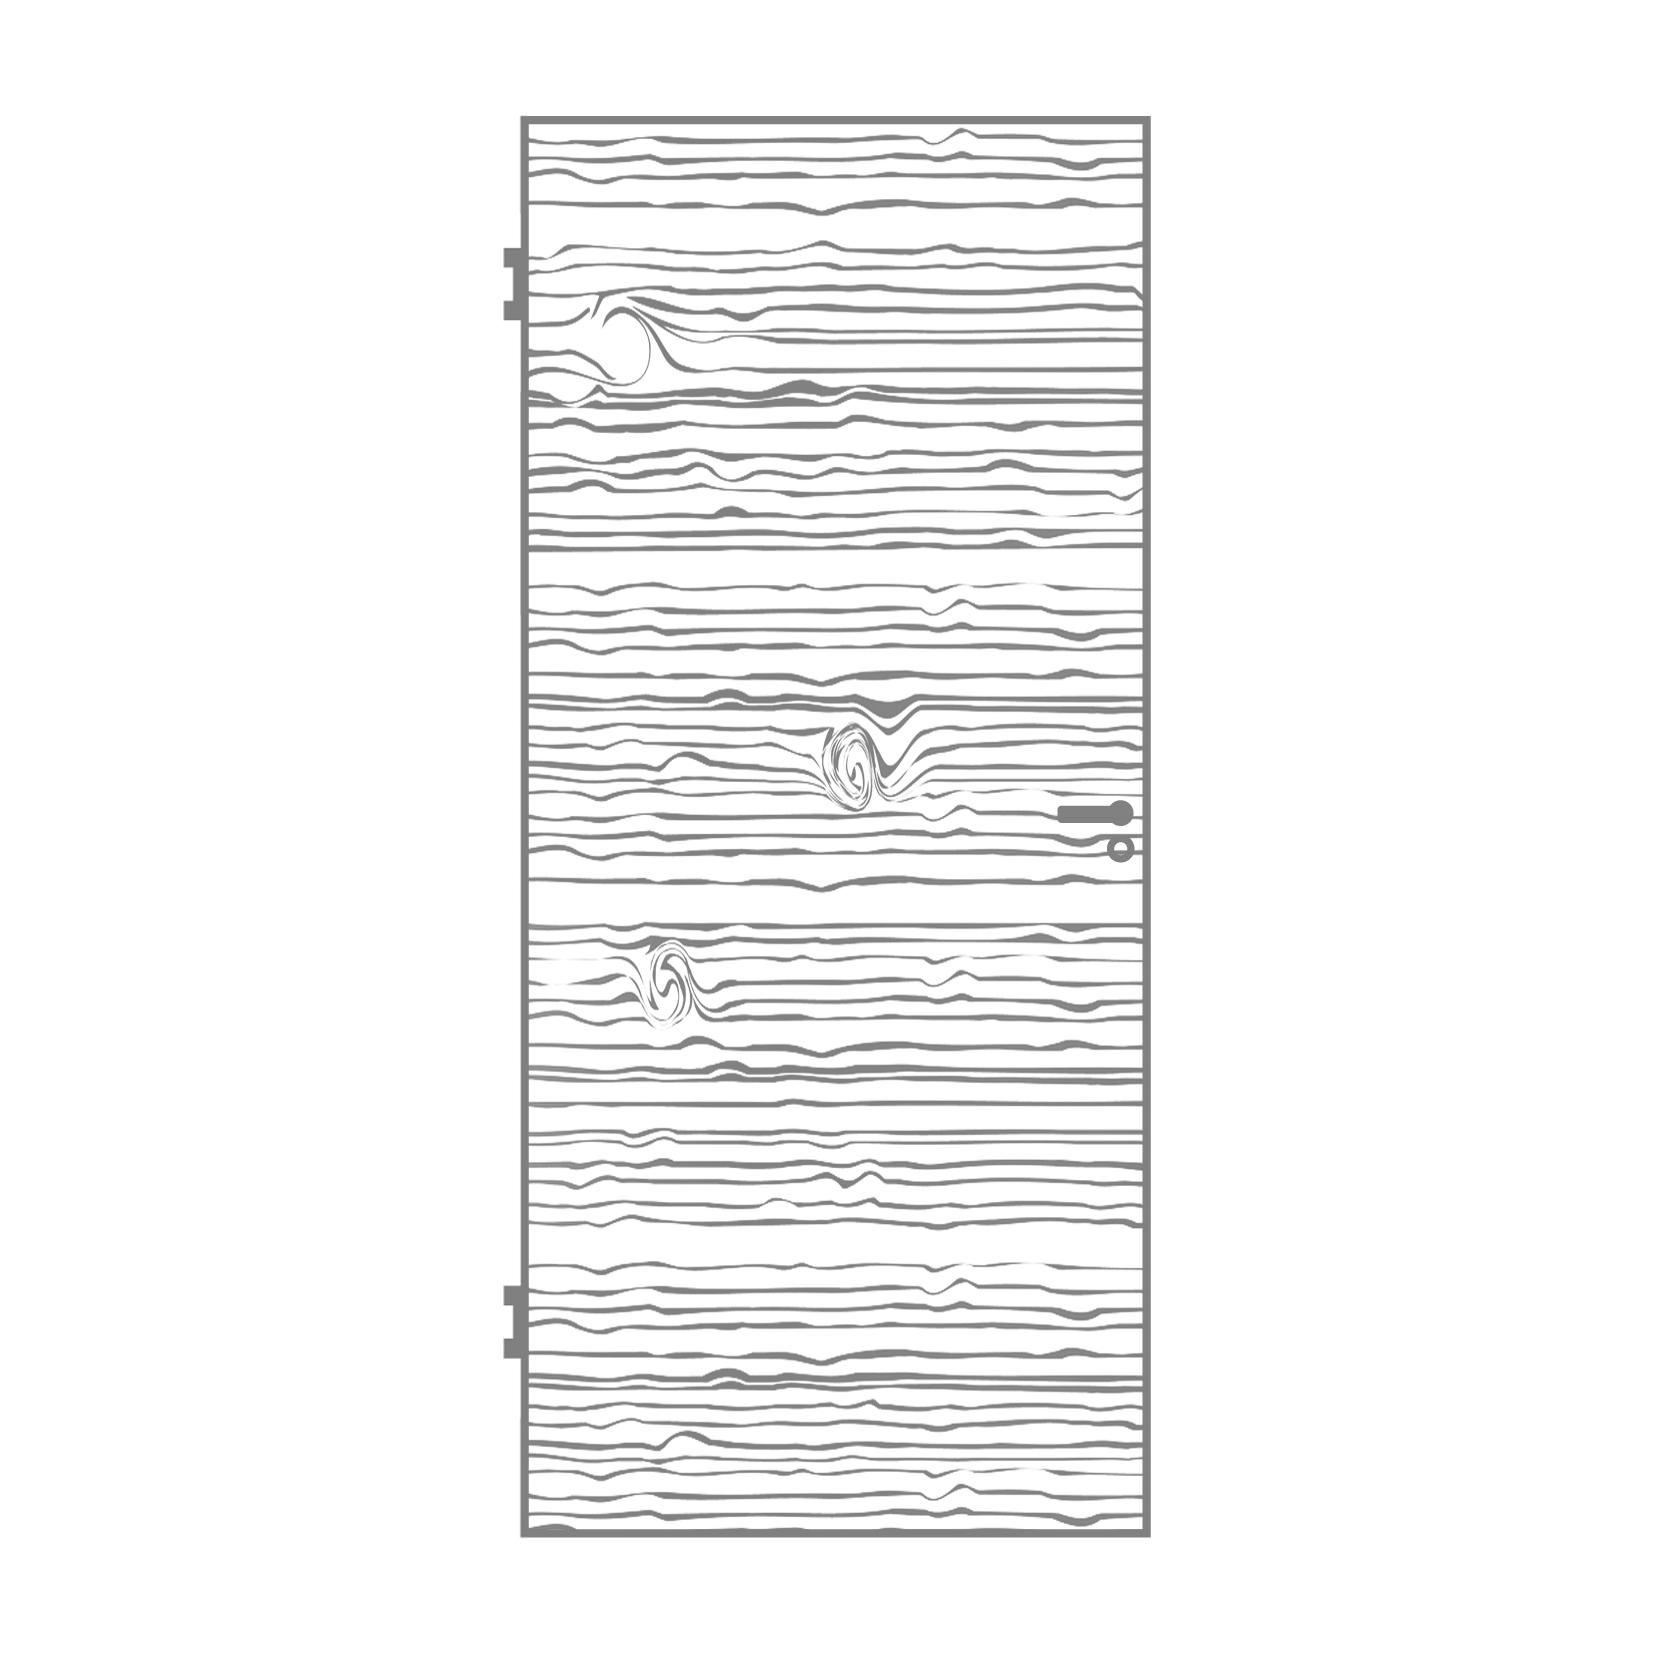 Zeichnung Massivholztür Modell TG-1 Quer-furniert